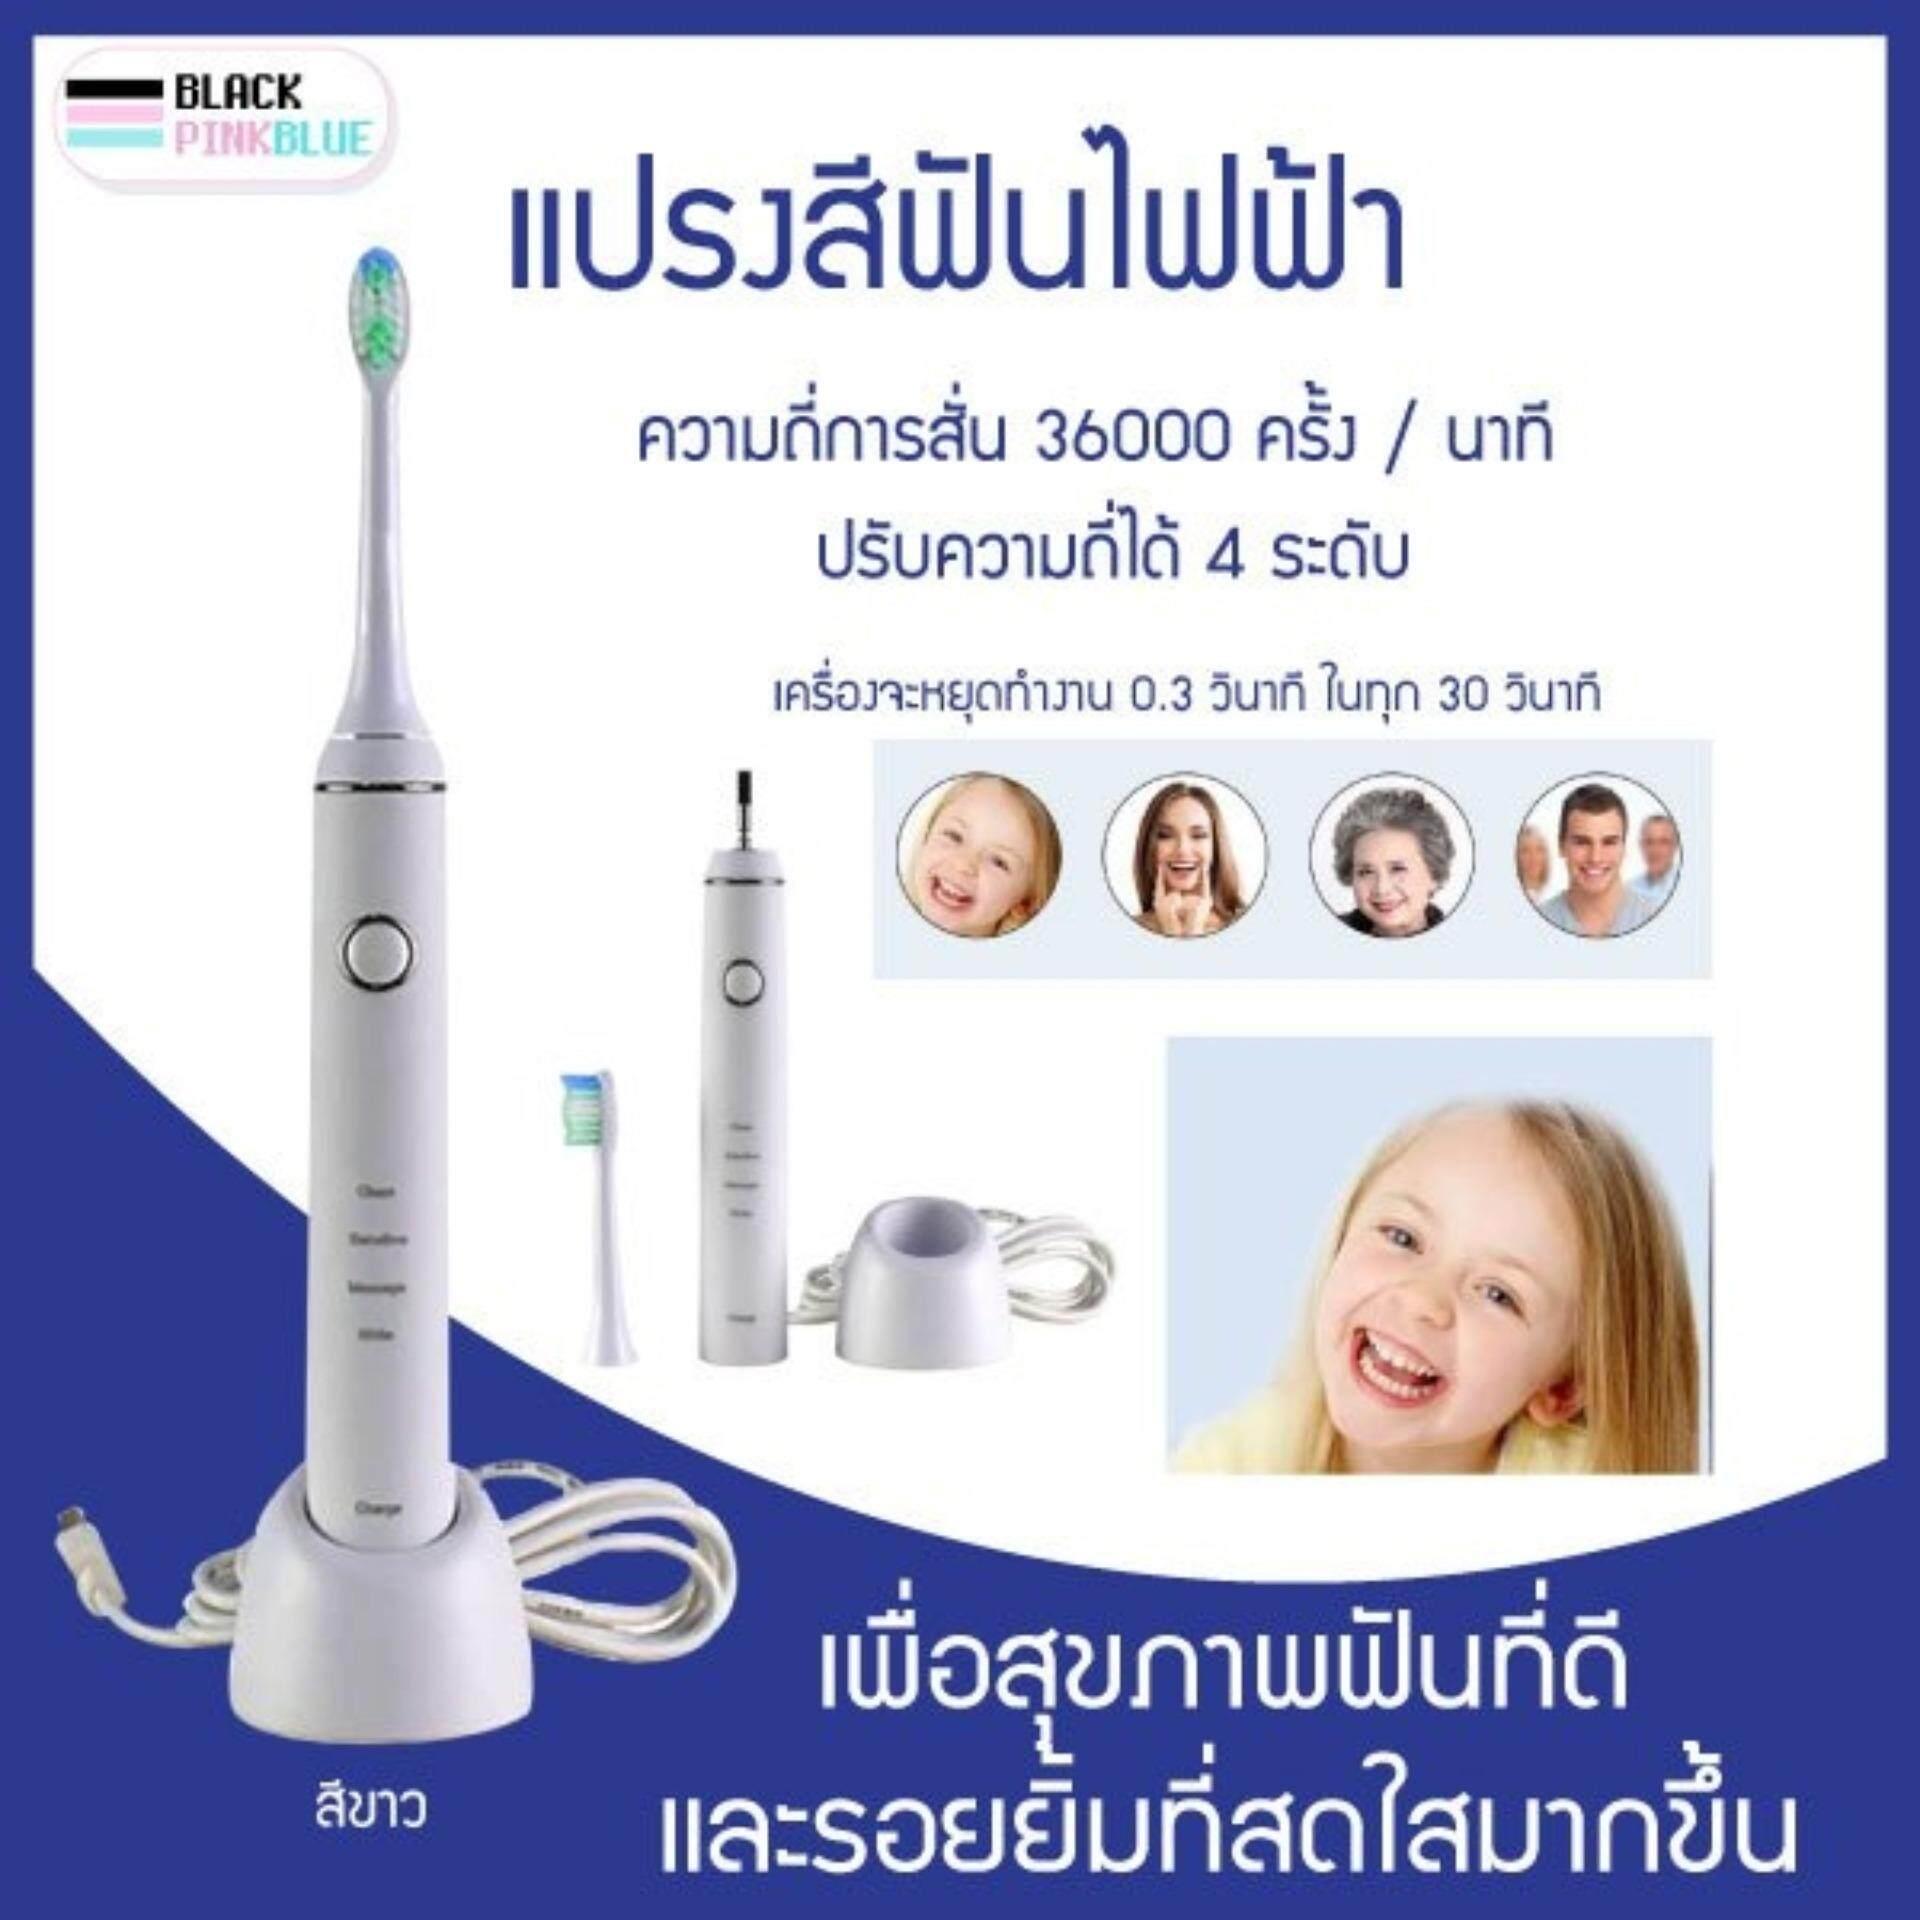 แปรงสีฟันไฟฟ้า ช่วยดูแลสุขภาพช่องปาก โคราชกรุงเทพมหานคร Electric Toothbrush แปรงสีฟันไฟฟ้า แปรงสีฟันอัตโนมัติ กันน้ำไฟฟ้าโซนิค ขนนุ่ม Blackpinkblue